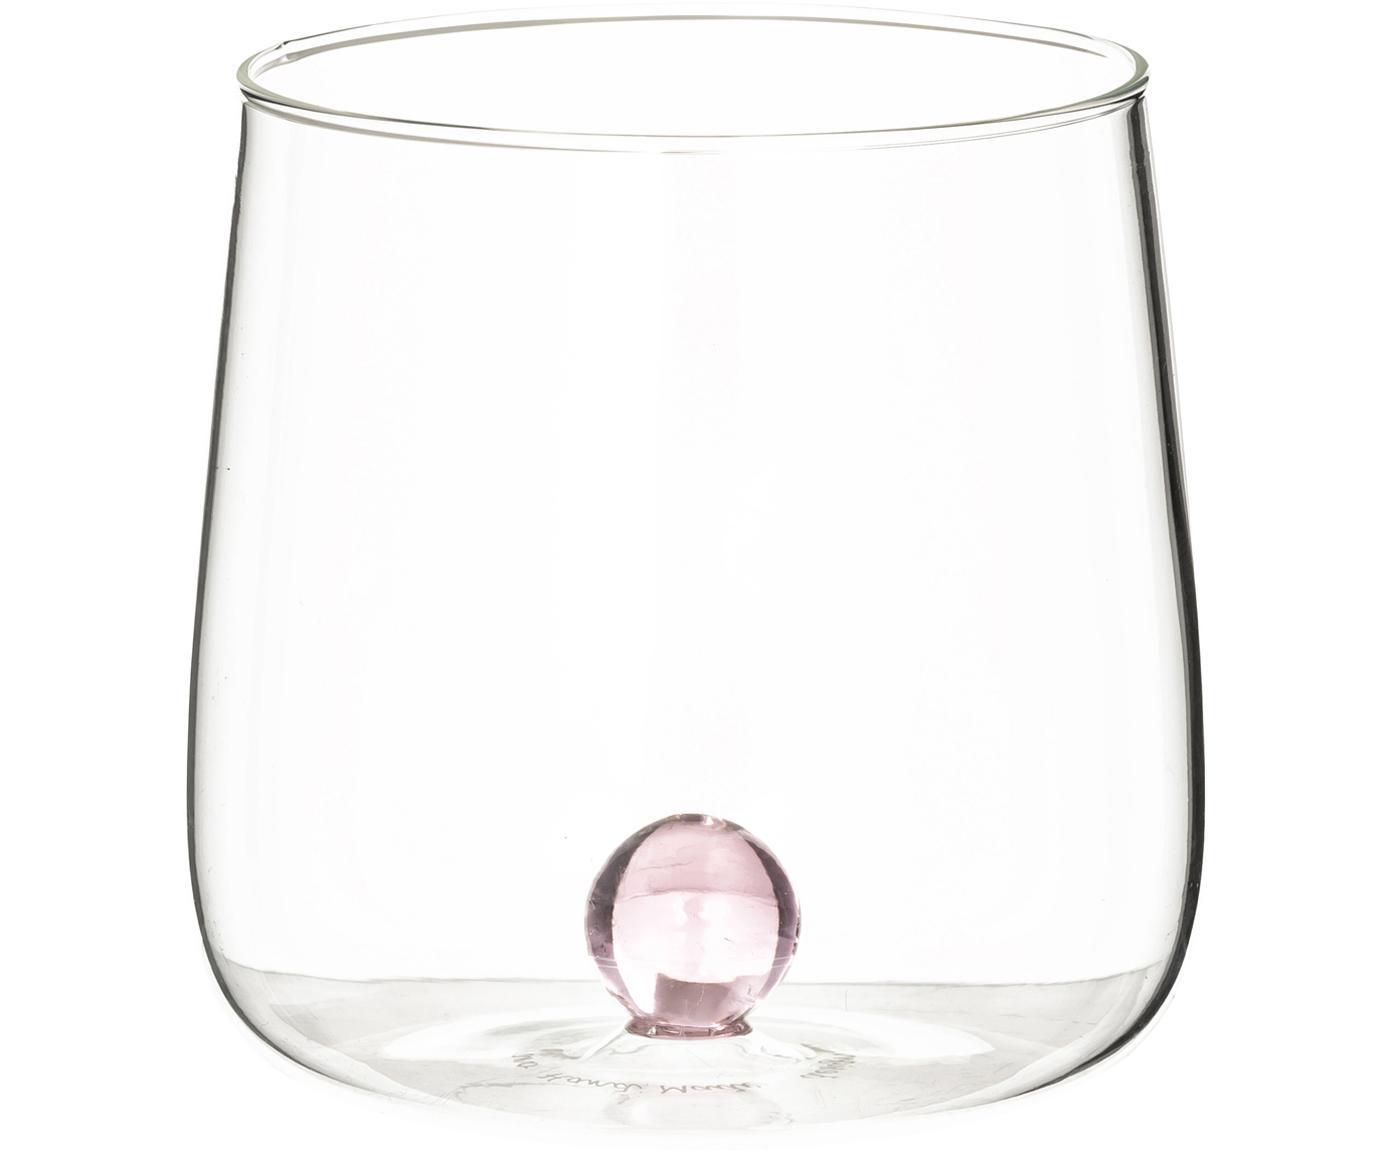 Szklanka do wody ze szkła dmuchanego Bilia, 6 szt., Szkło borokrzemowe, Transparentny, rożowy, Ø 9 x W 9 cm